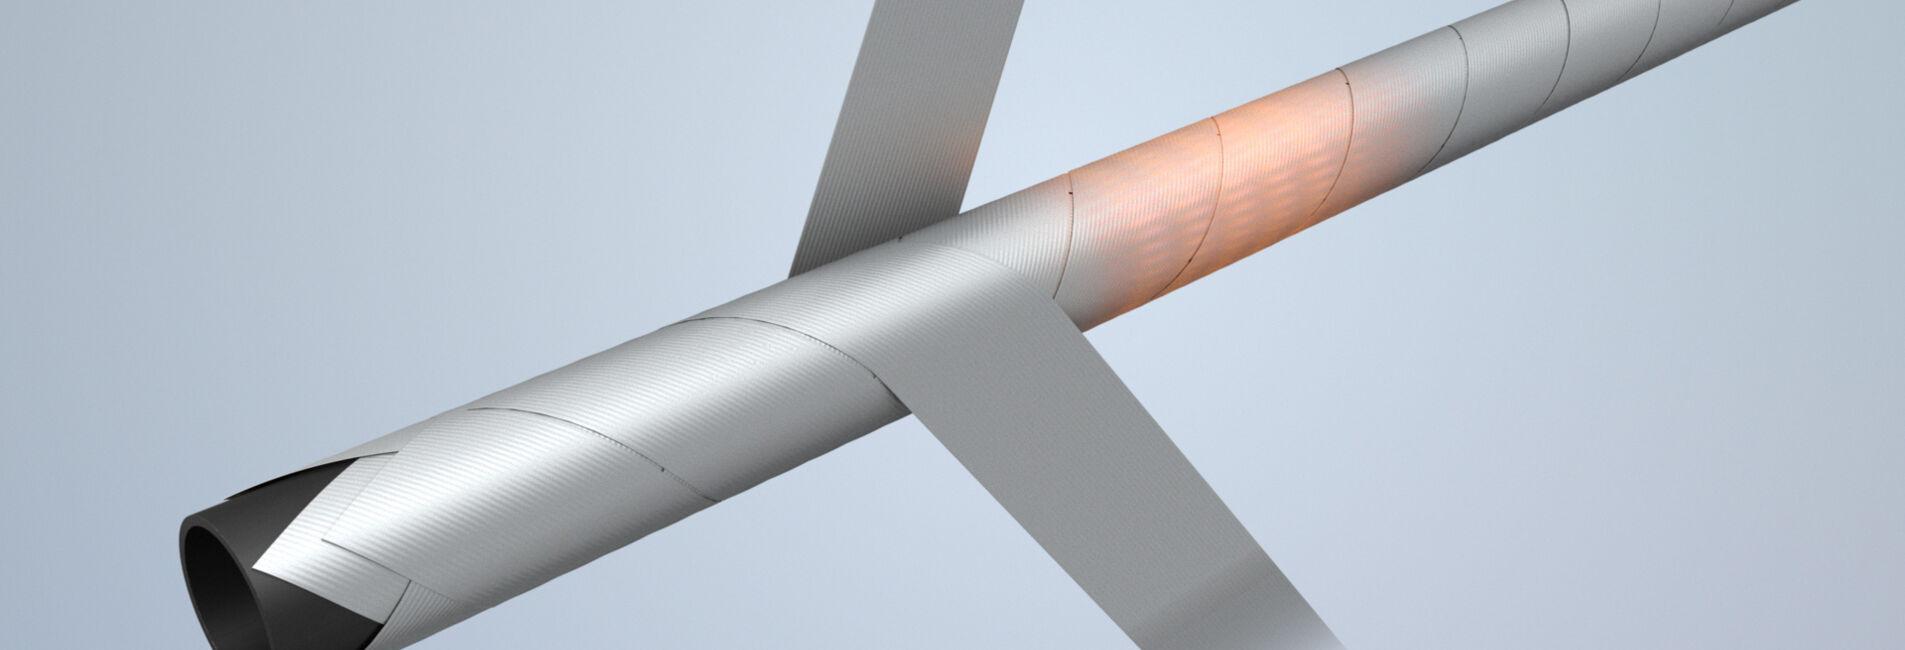 Zukunftsweisende Technologie für Hochleistungsrohre